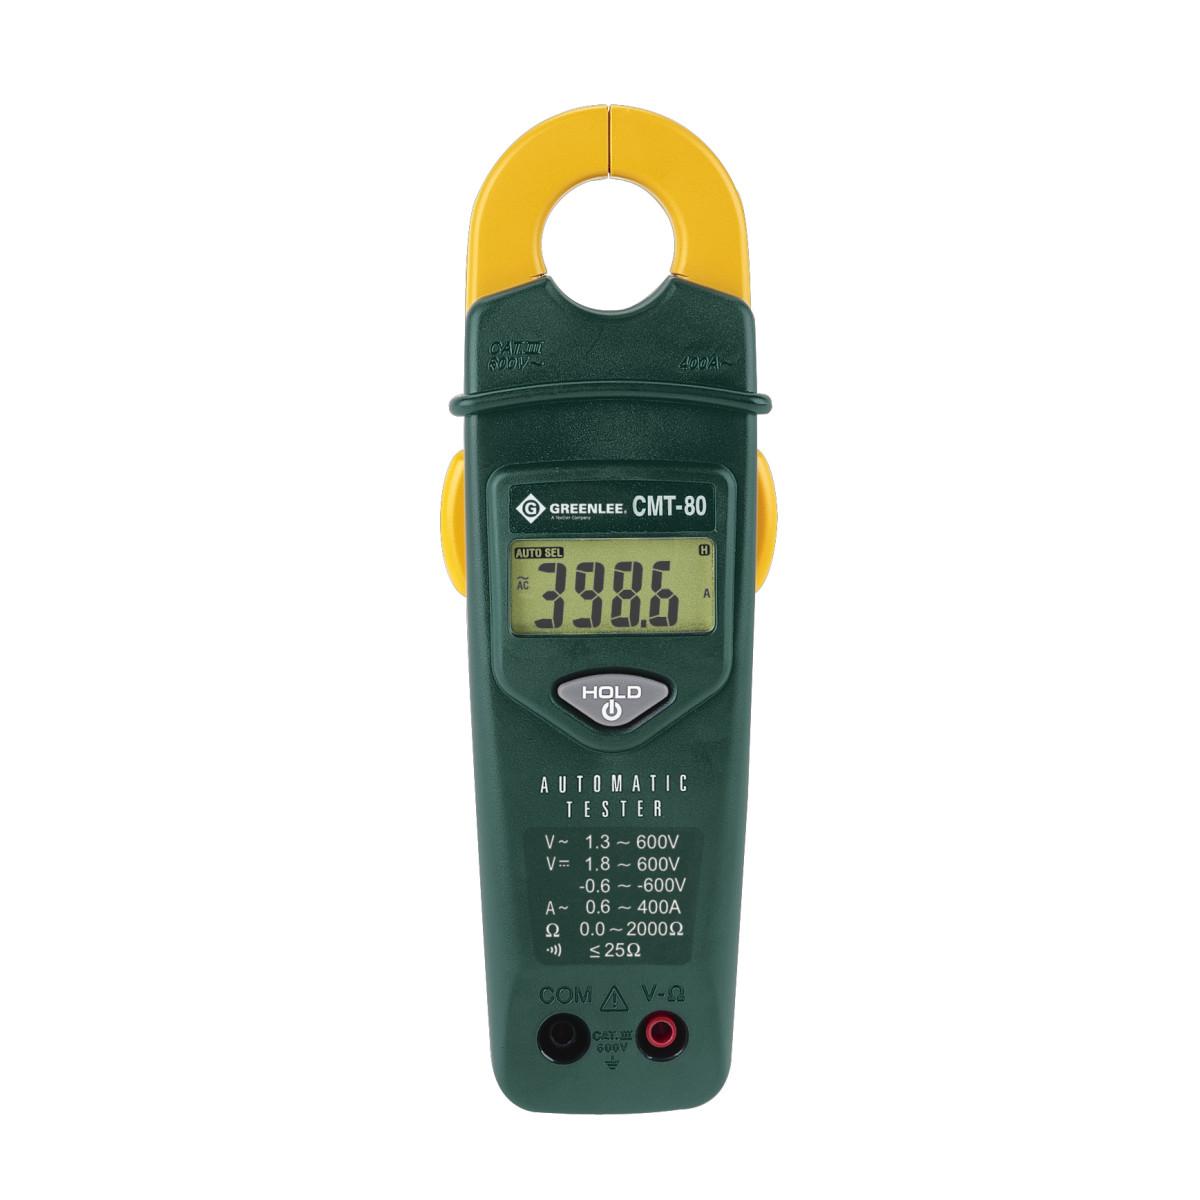 GREE CMT-80 TESTER, 600V/400A (CMT-80)